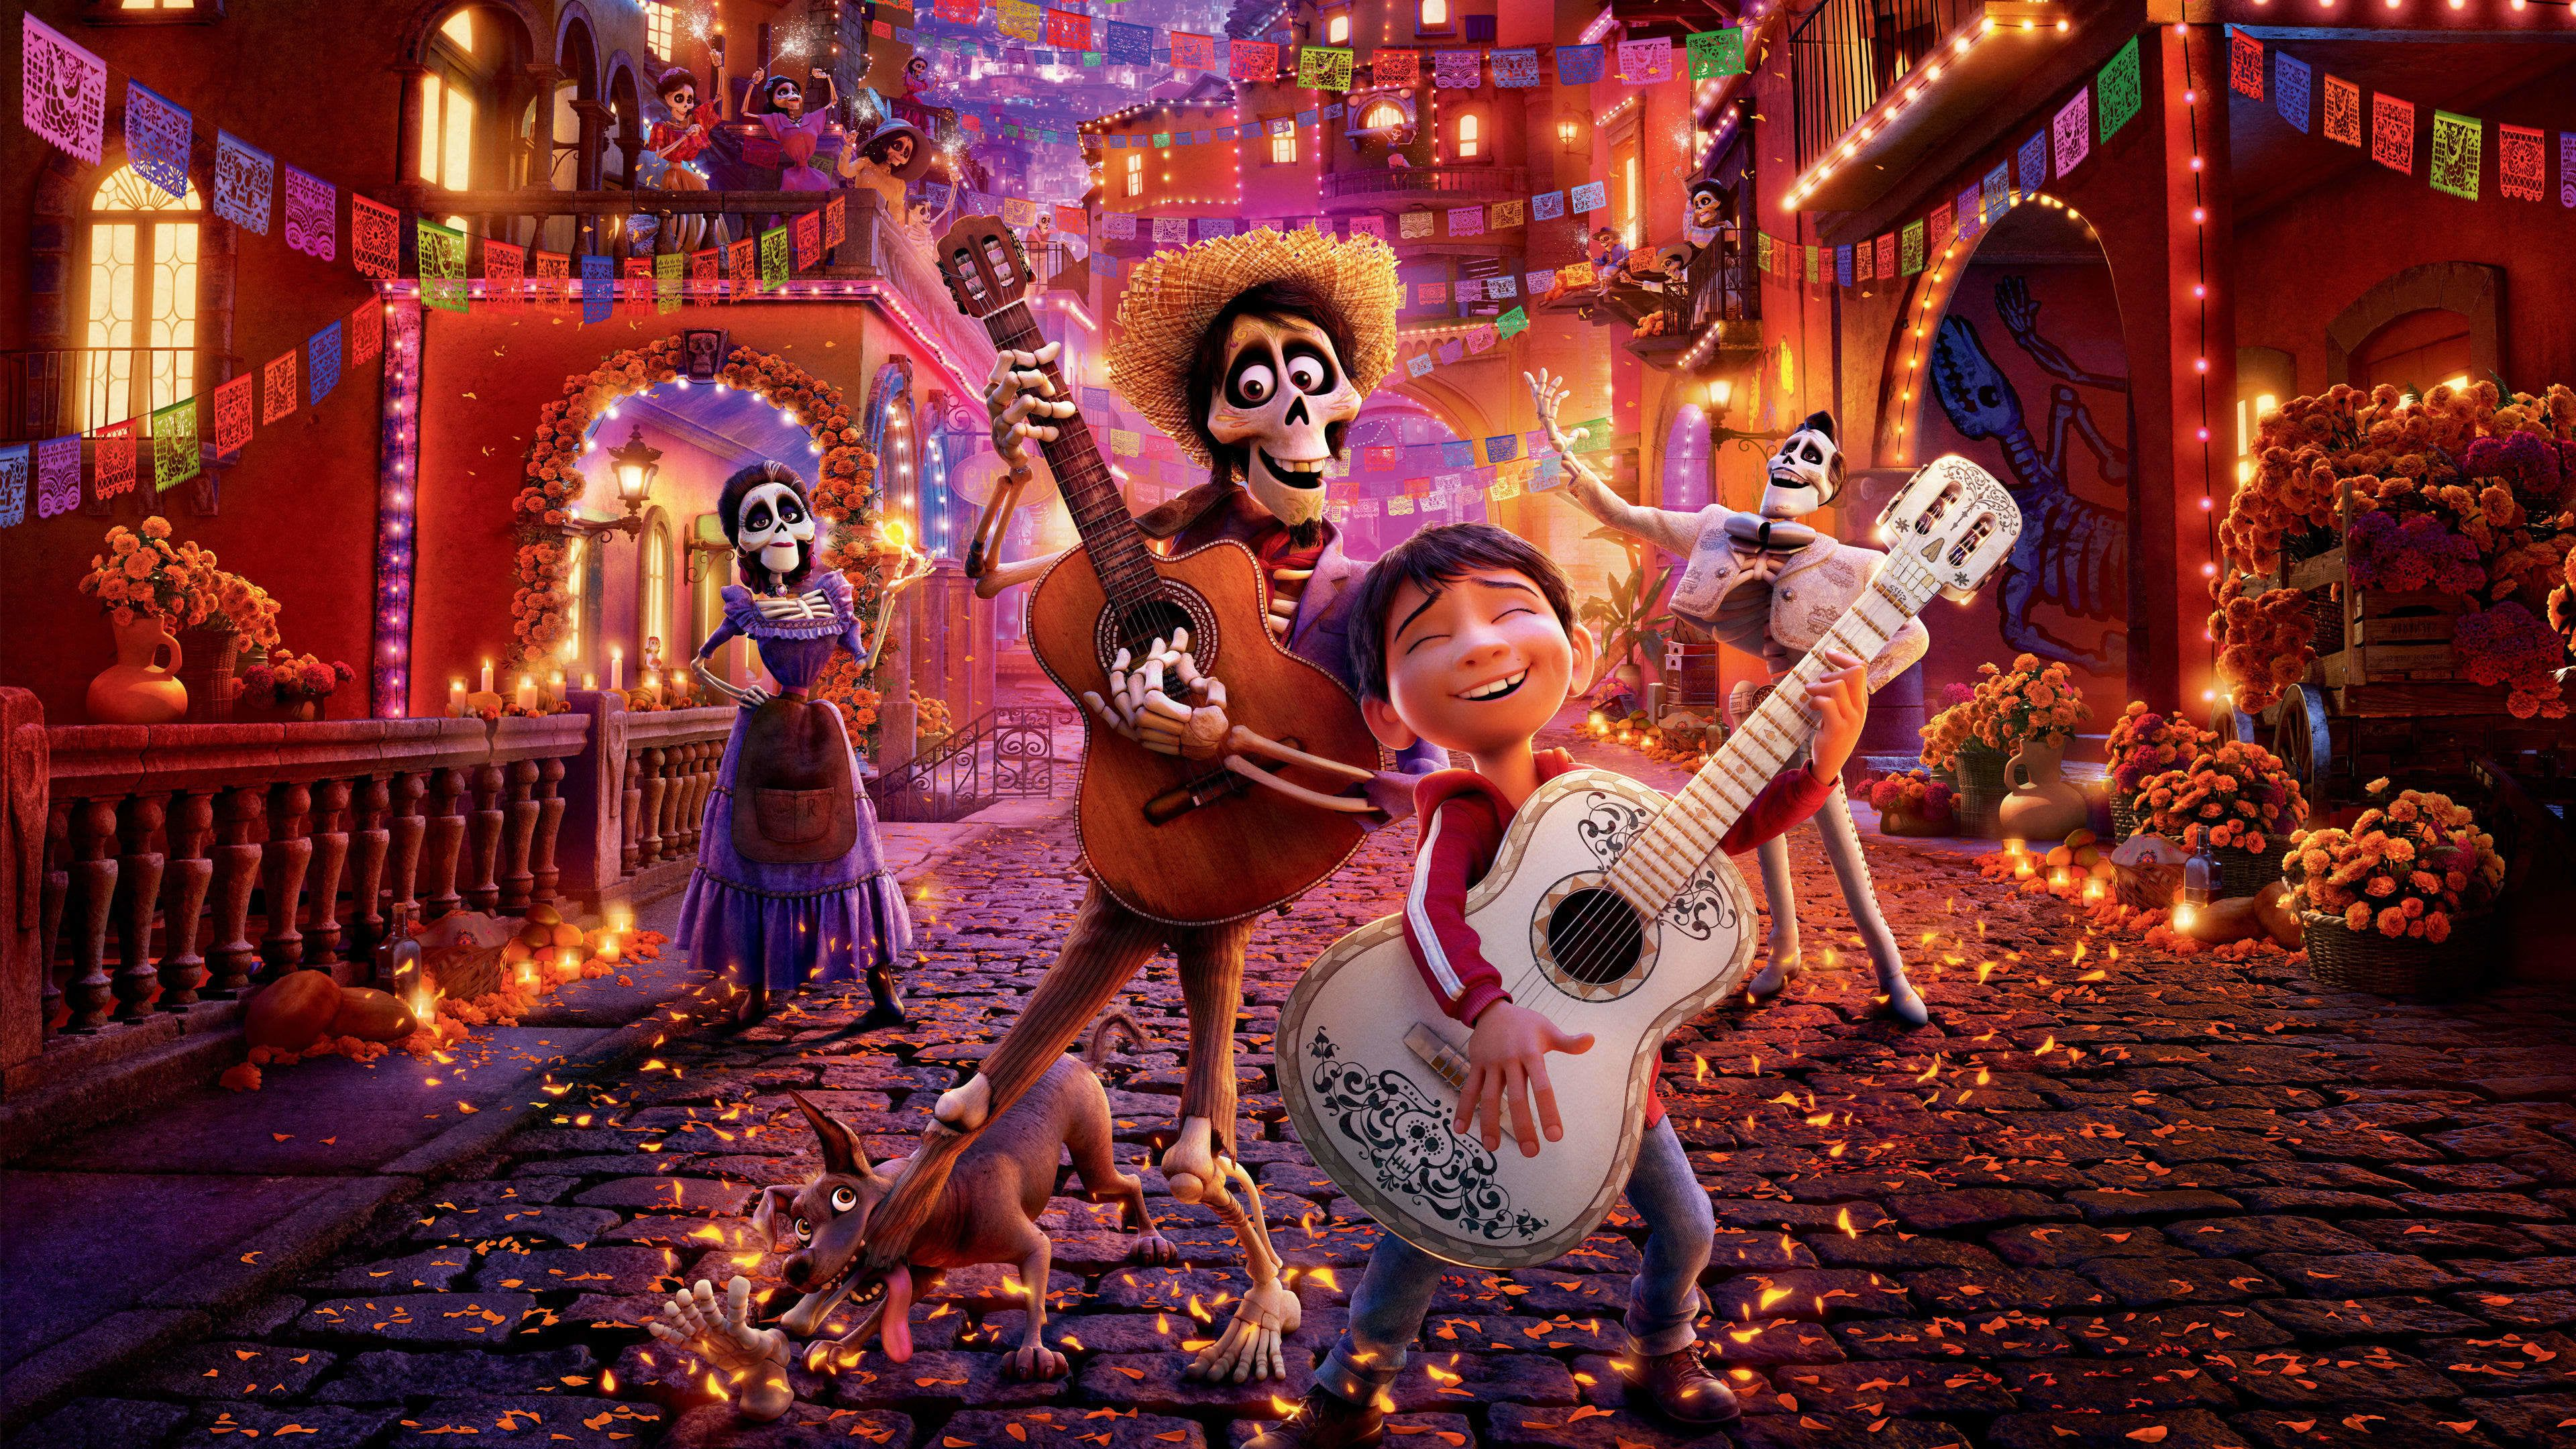 Coco 2017 Film Norsk Undertekst Pa Nettet Movie123til Tross For At Familien Gjennom Generasjoner Har Hatt Et Gammelt Forbud Mot Musikk D Musicista Cinema Film